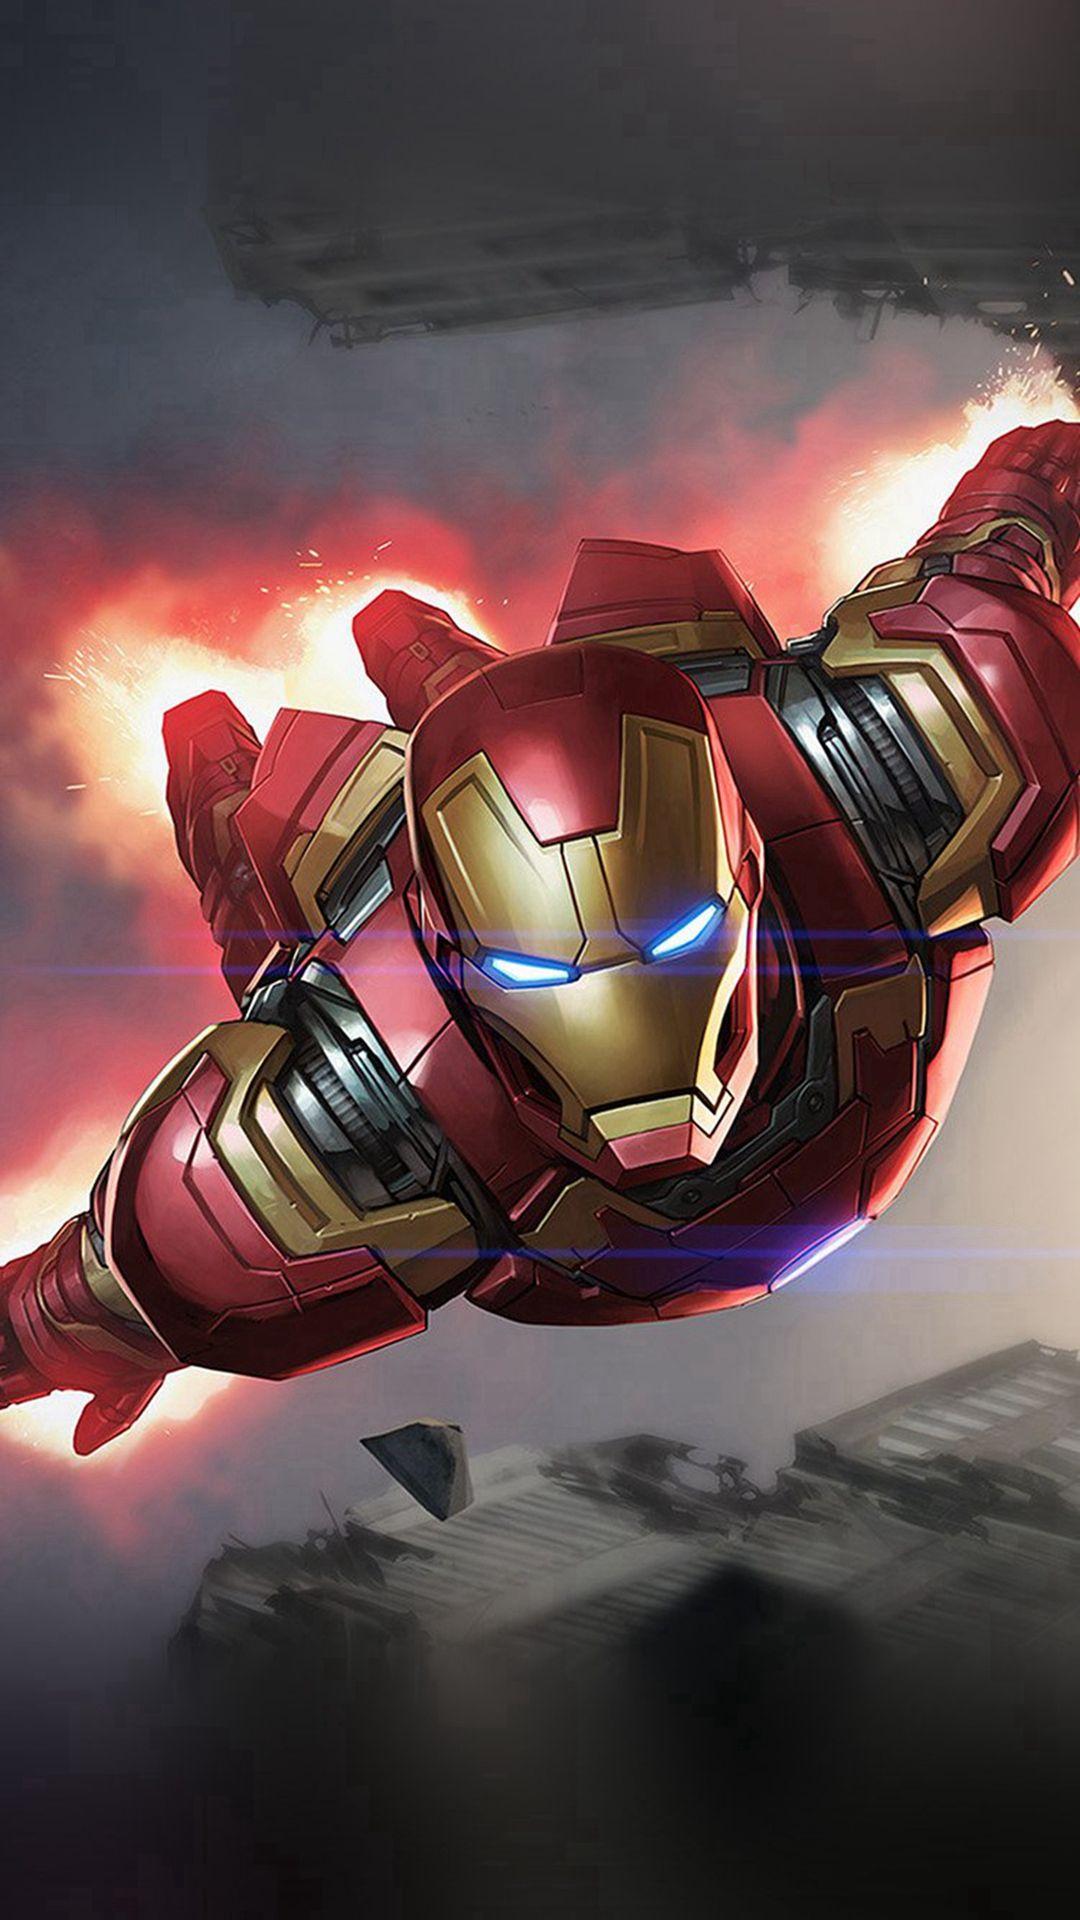 Ironman Hero Marvel Illustration Art Iphone 8 Wallpapers Iron